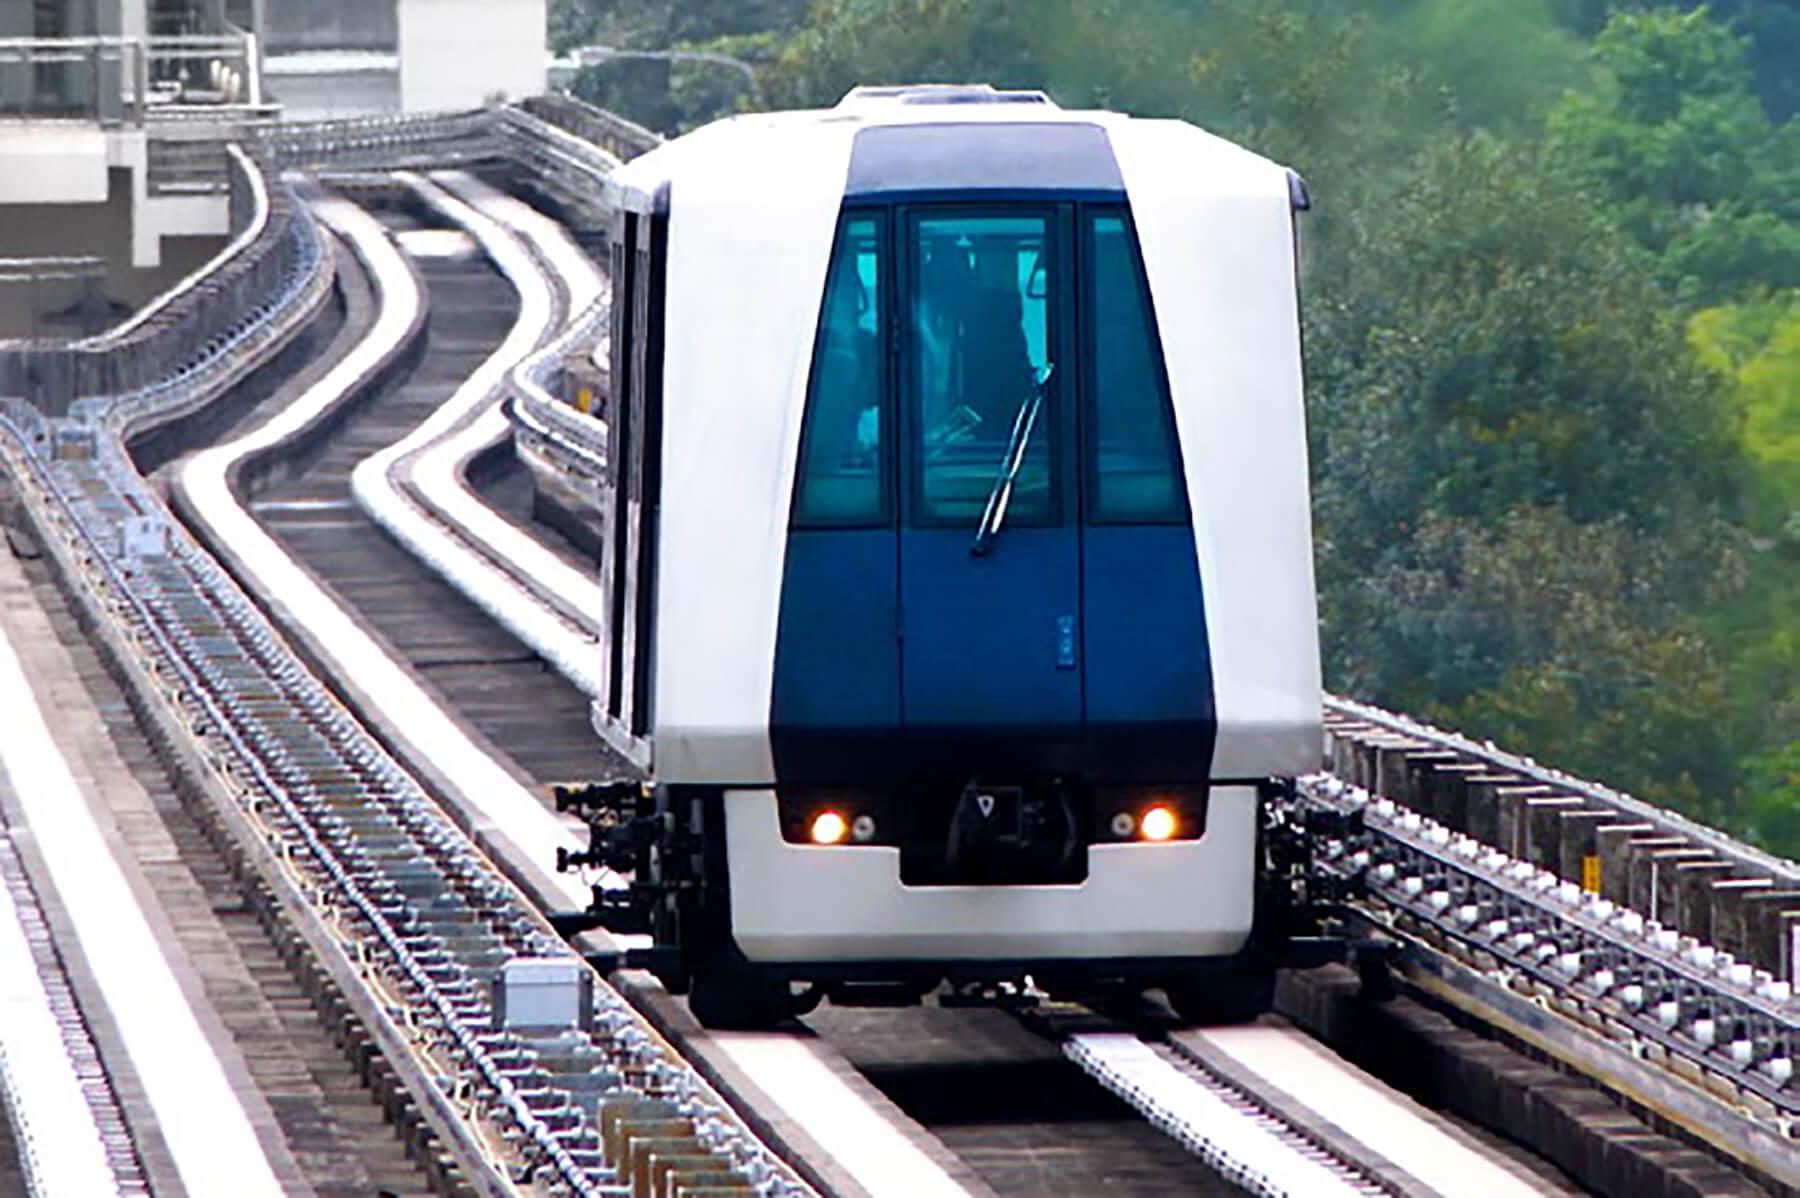 Inspeksi Rel Kereta menggunakan Laser Scanner Sensor